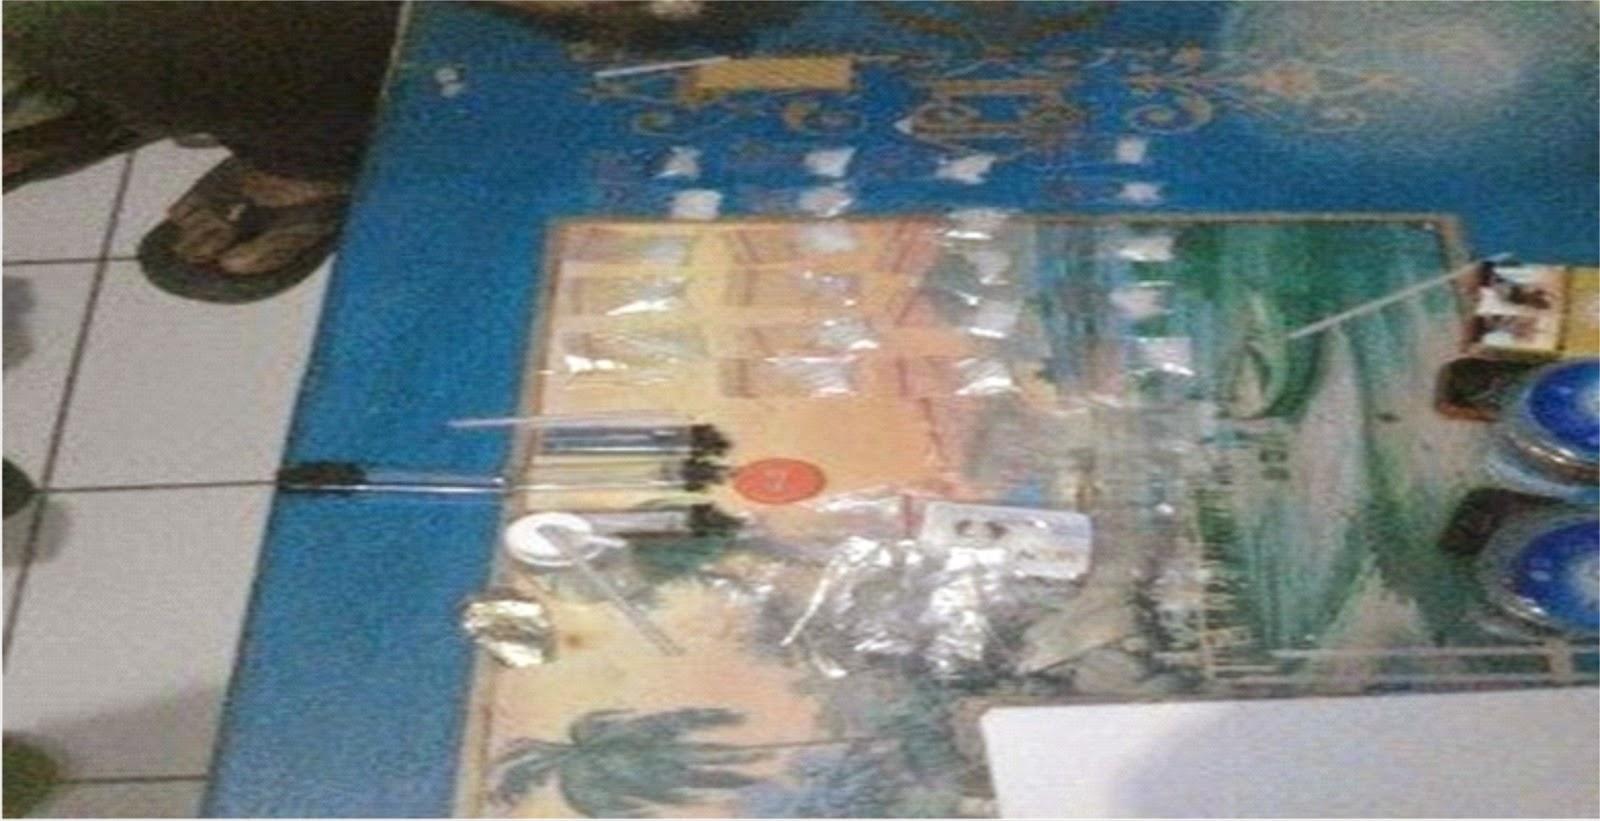 Ditemukan 20 Paket Sabu di Rutan Bima